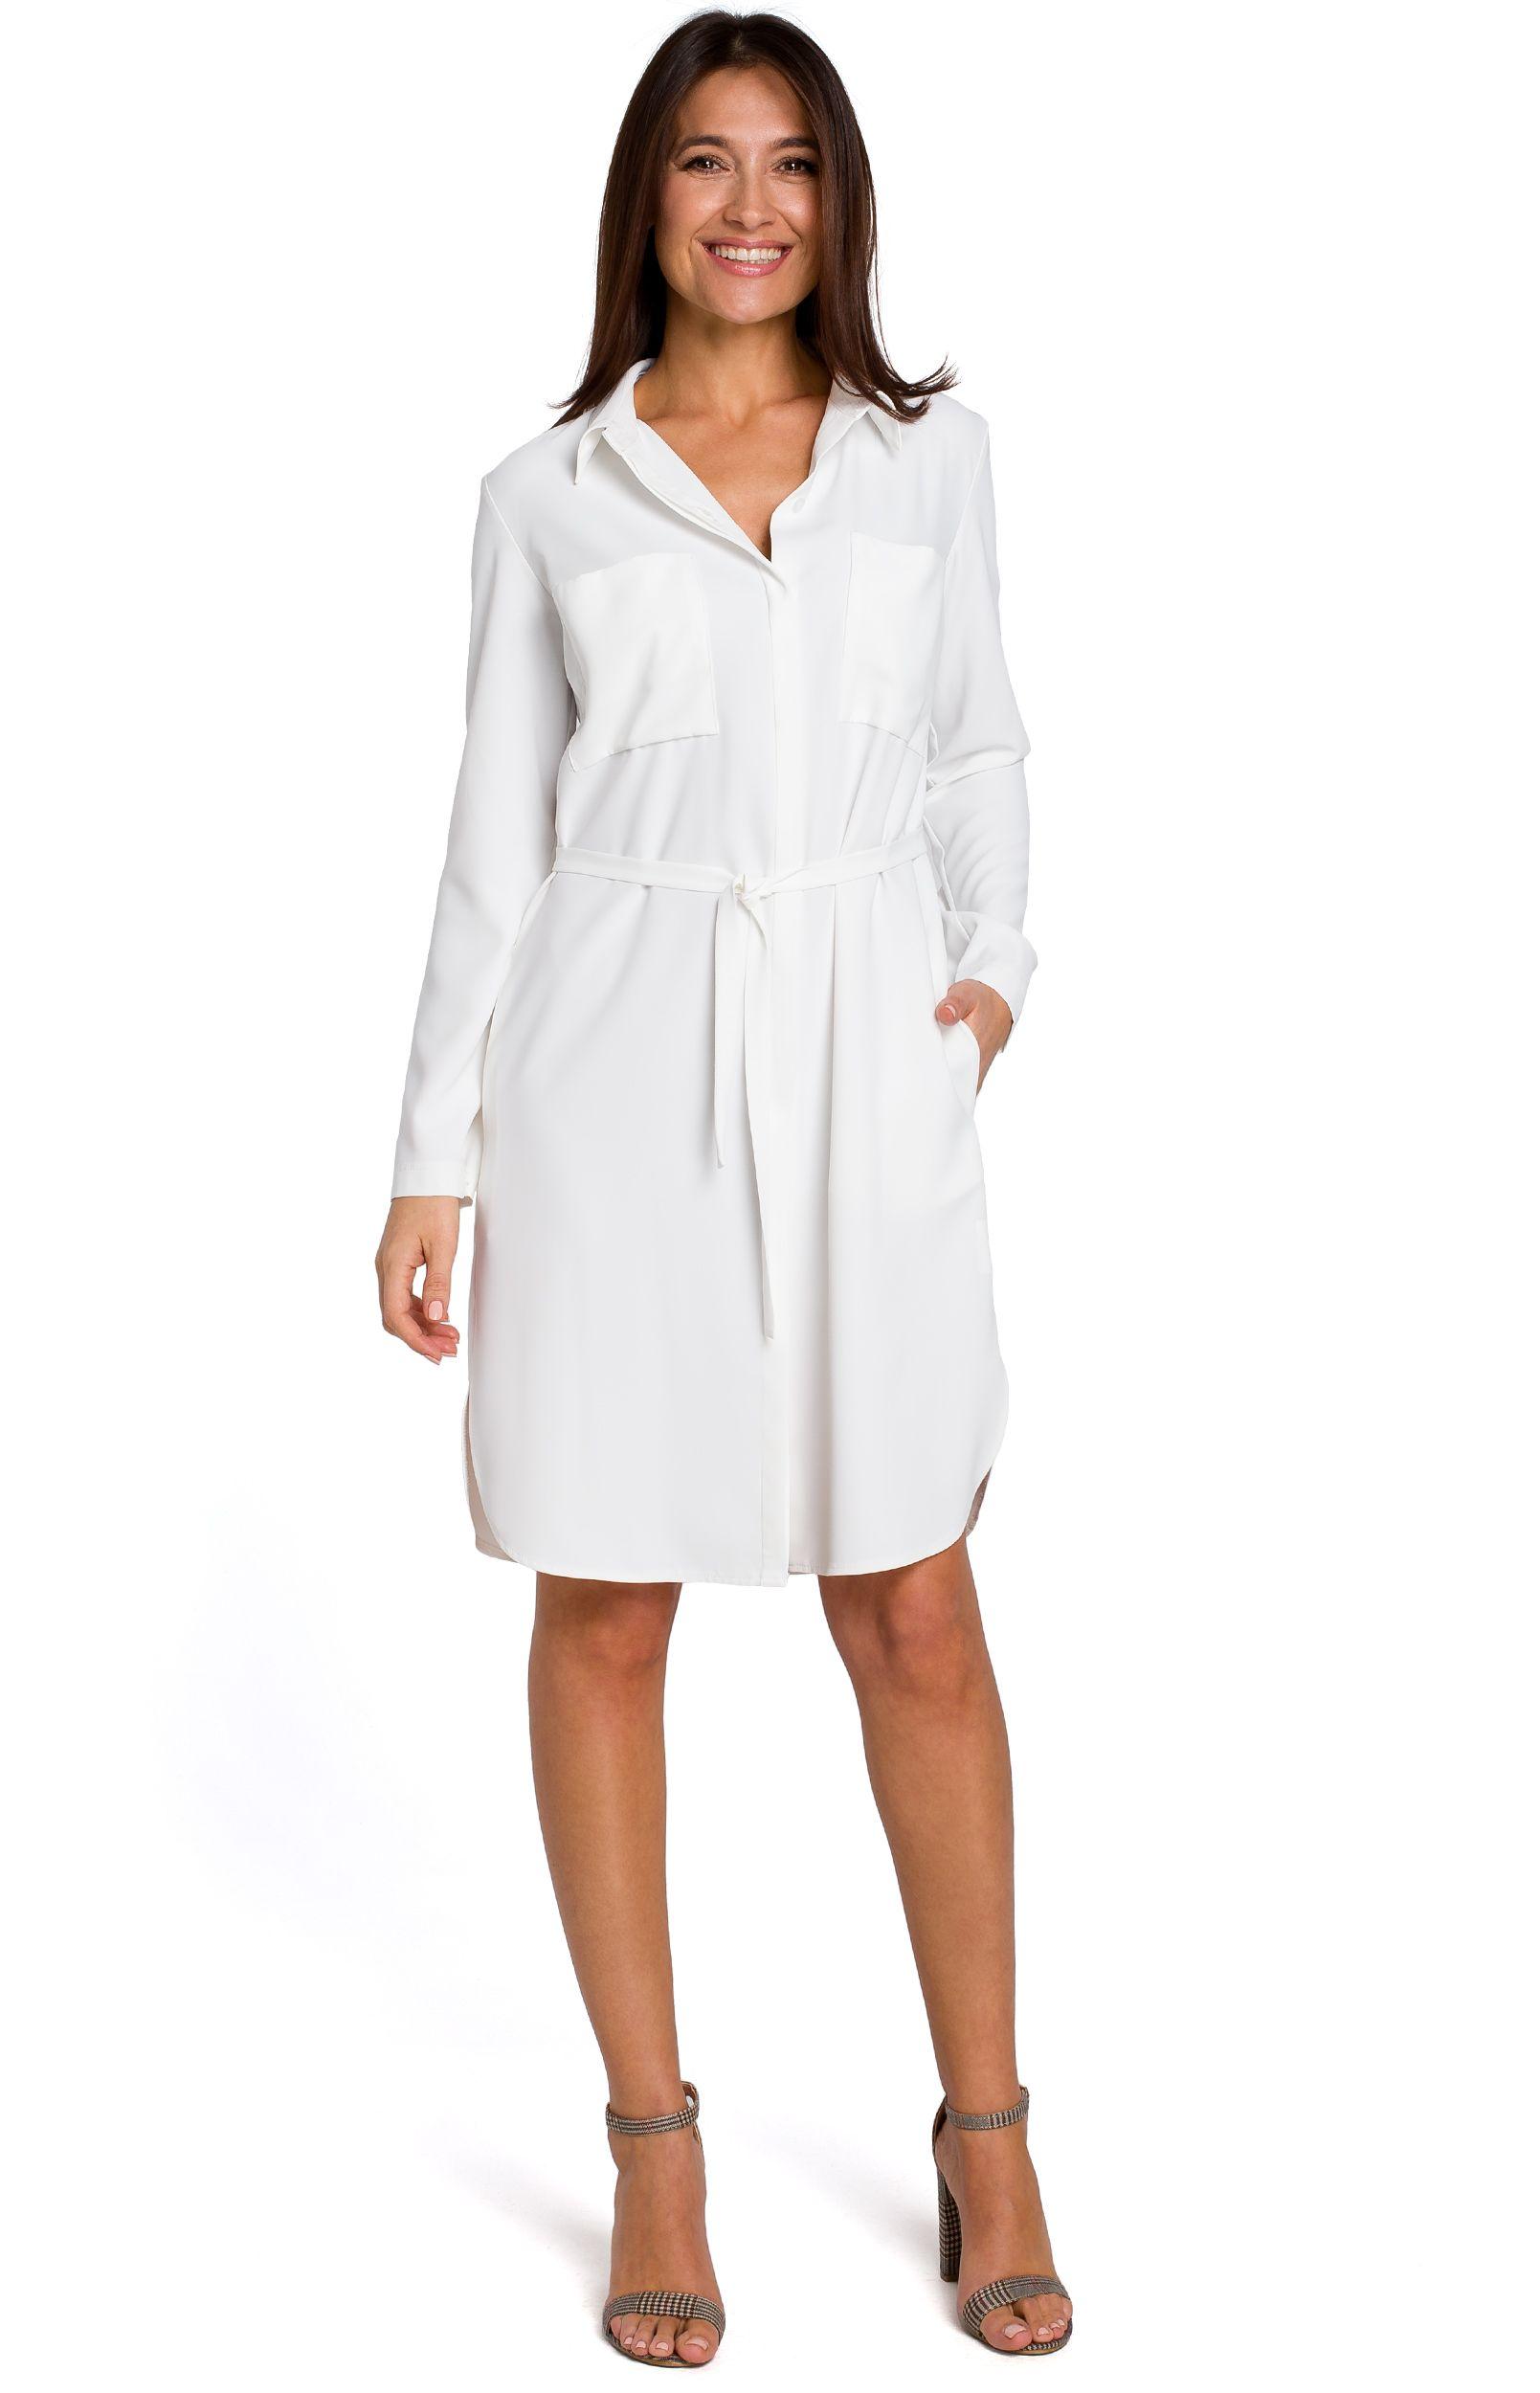 493a9708da5 Robe chemise écru Style S145E   idresstocode  boutique de ...